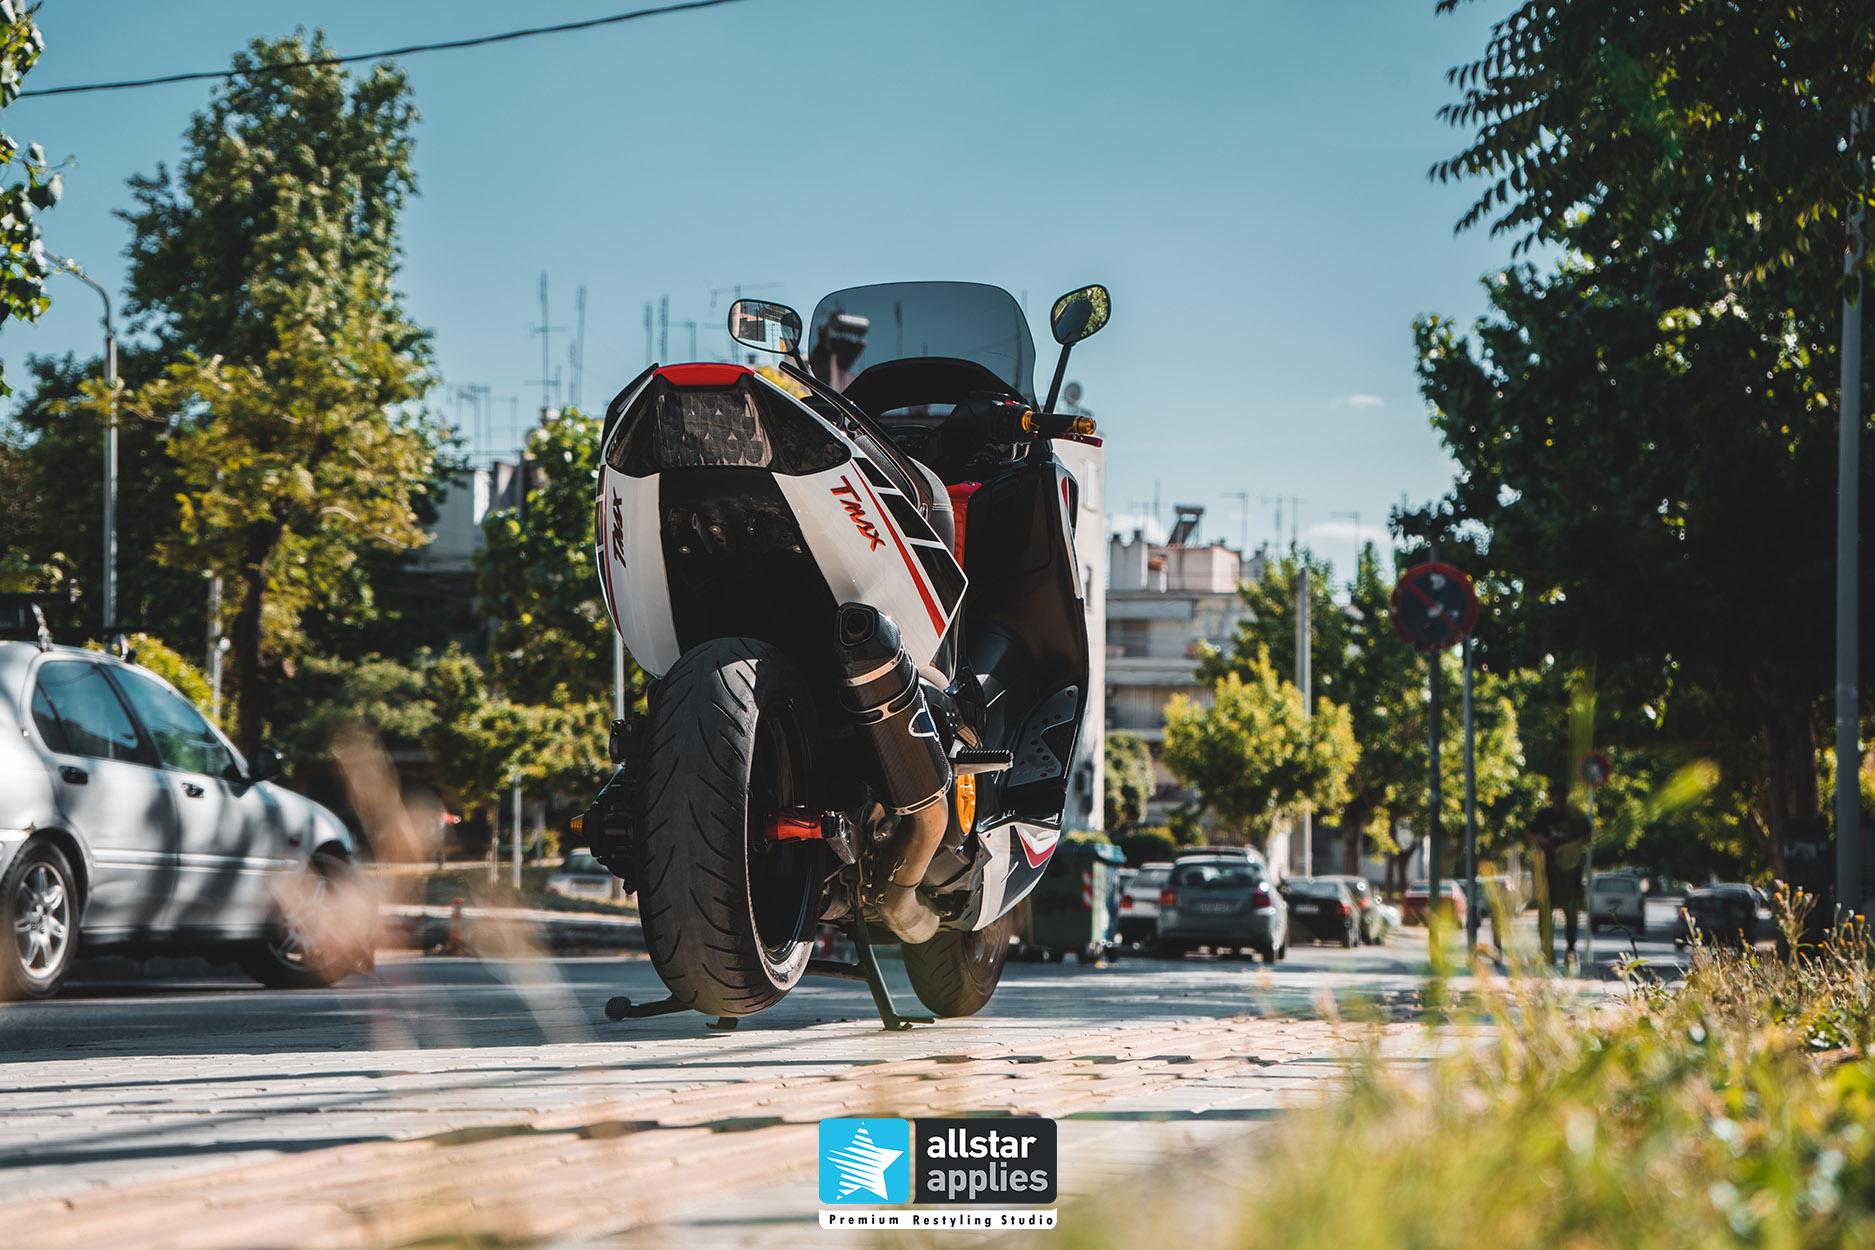 TMAX 500 ALLSTAR APPLIES 14